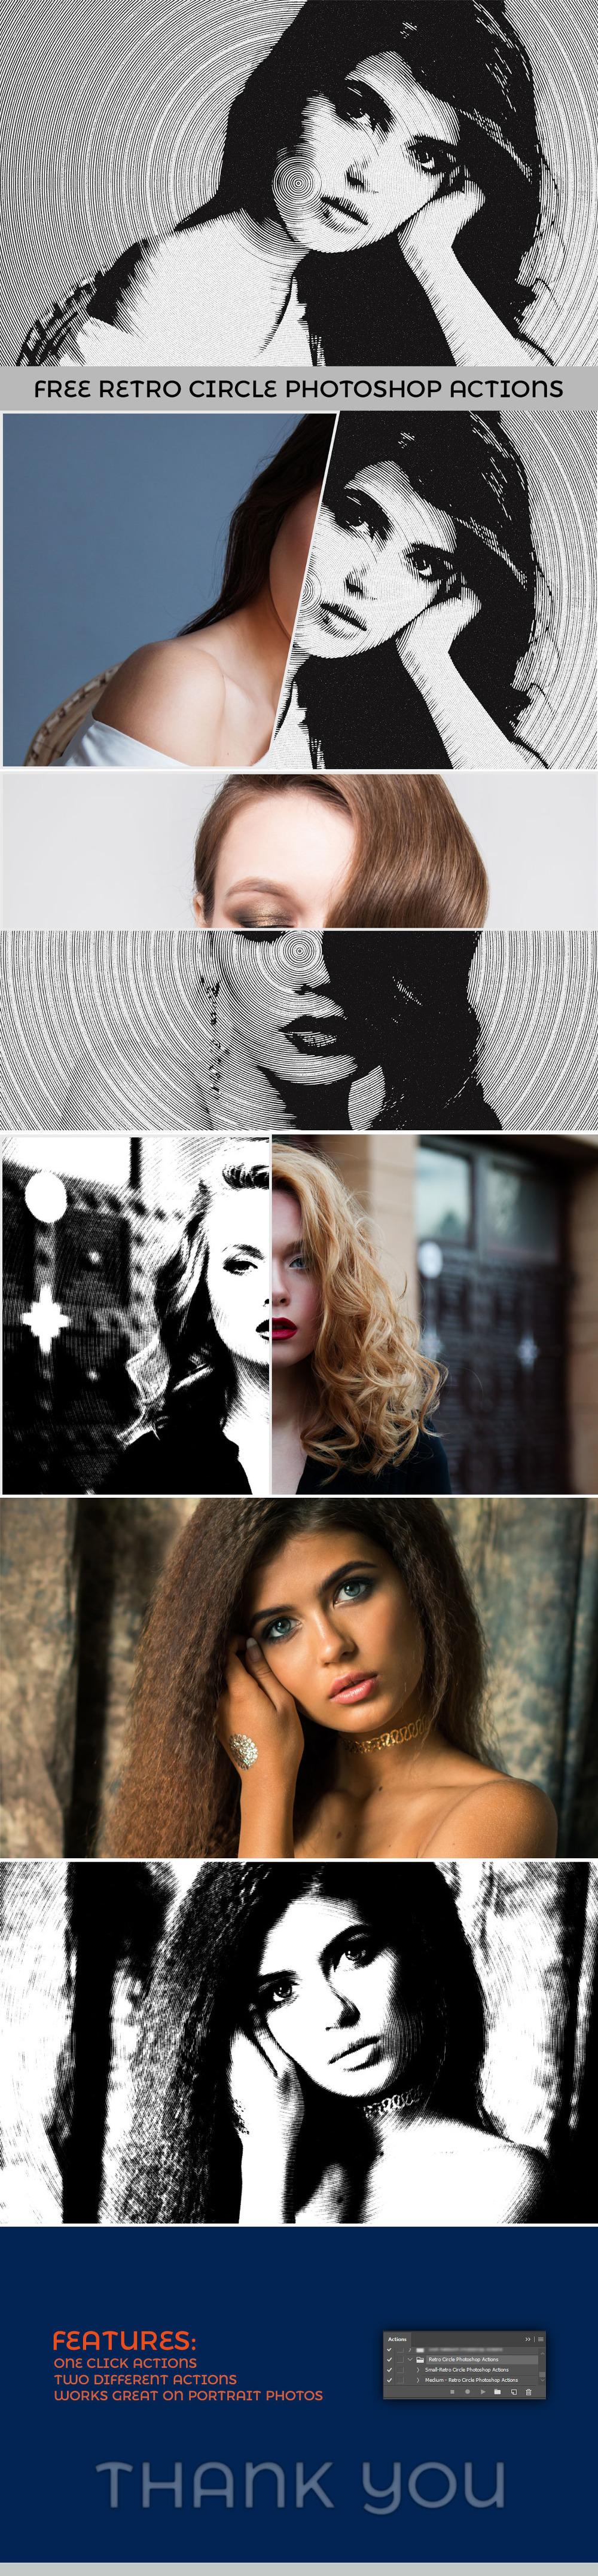 2 가지 무료 포토샵 빈티지 레트로 써클 흑백 액션 - 2 Free Vintage Retro Circle Black & White Photoshop Actions